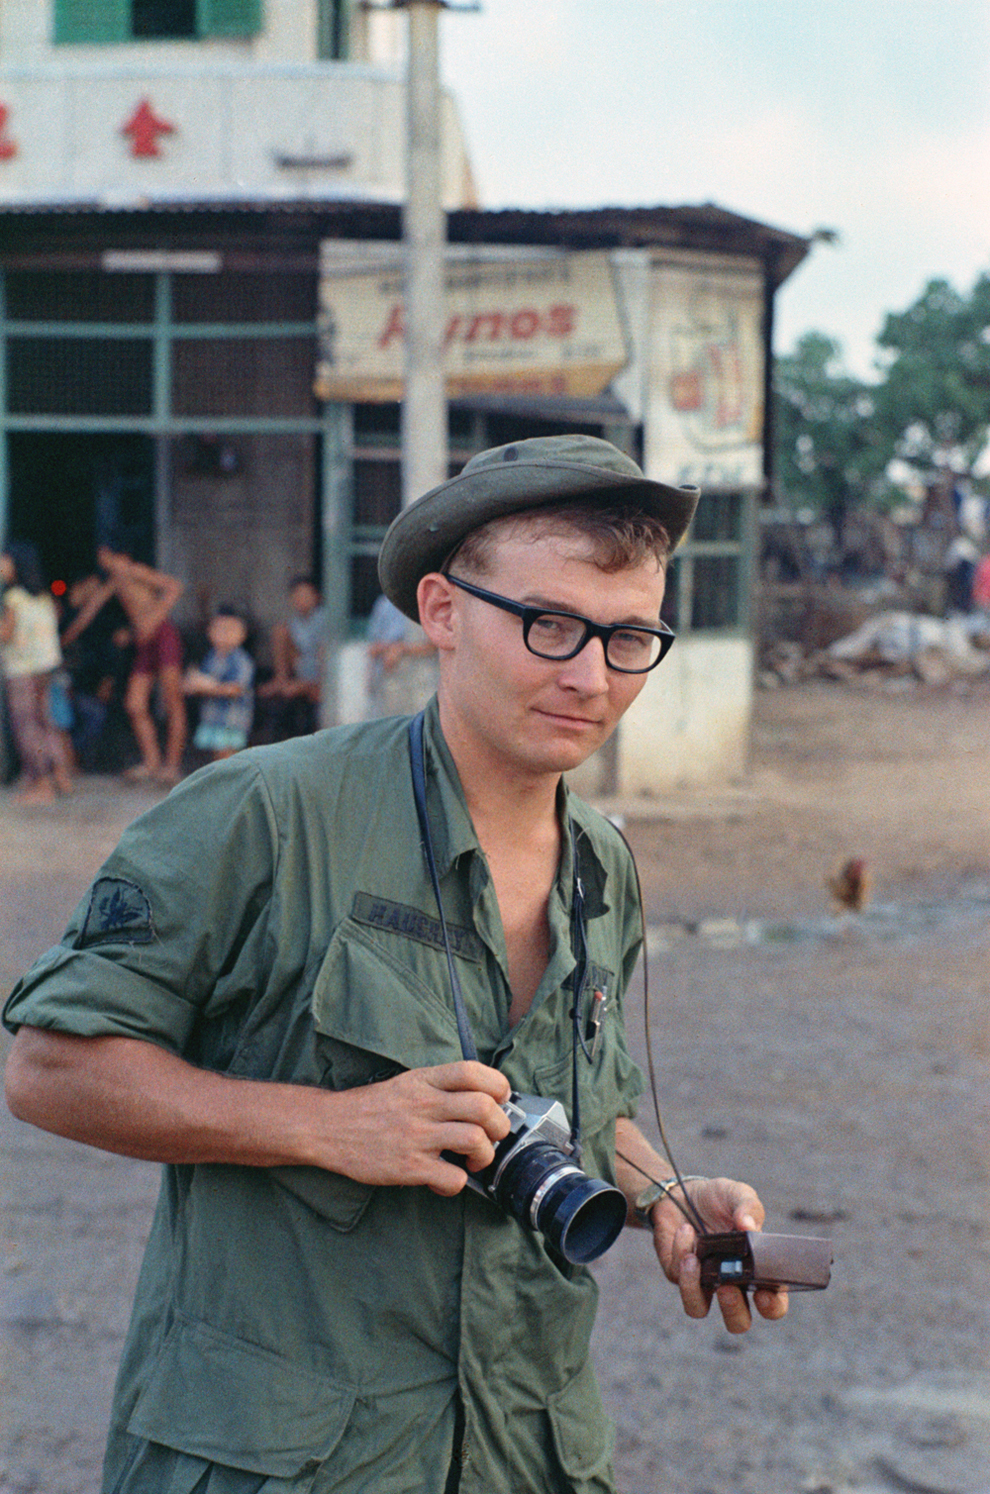 bp42 - Hình ảnh hiếm gây chấn động về cuộc chiến ở Việt Nam